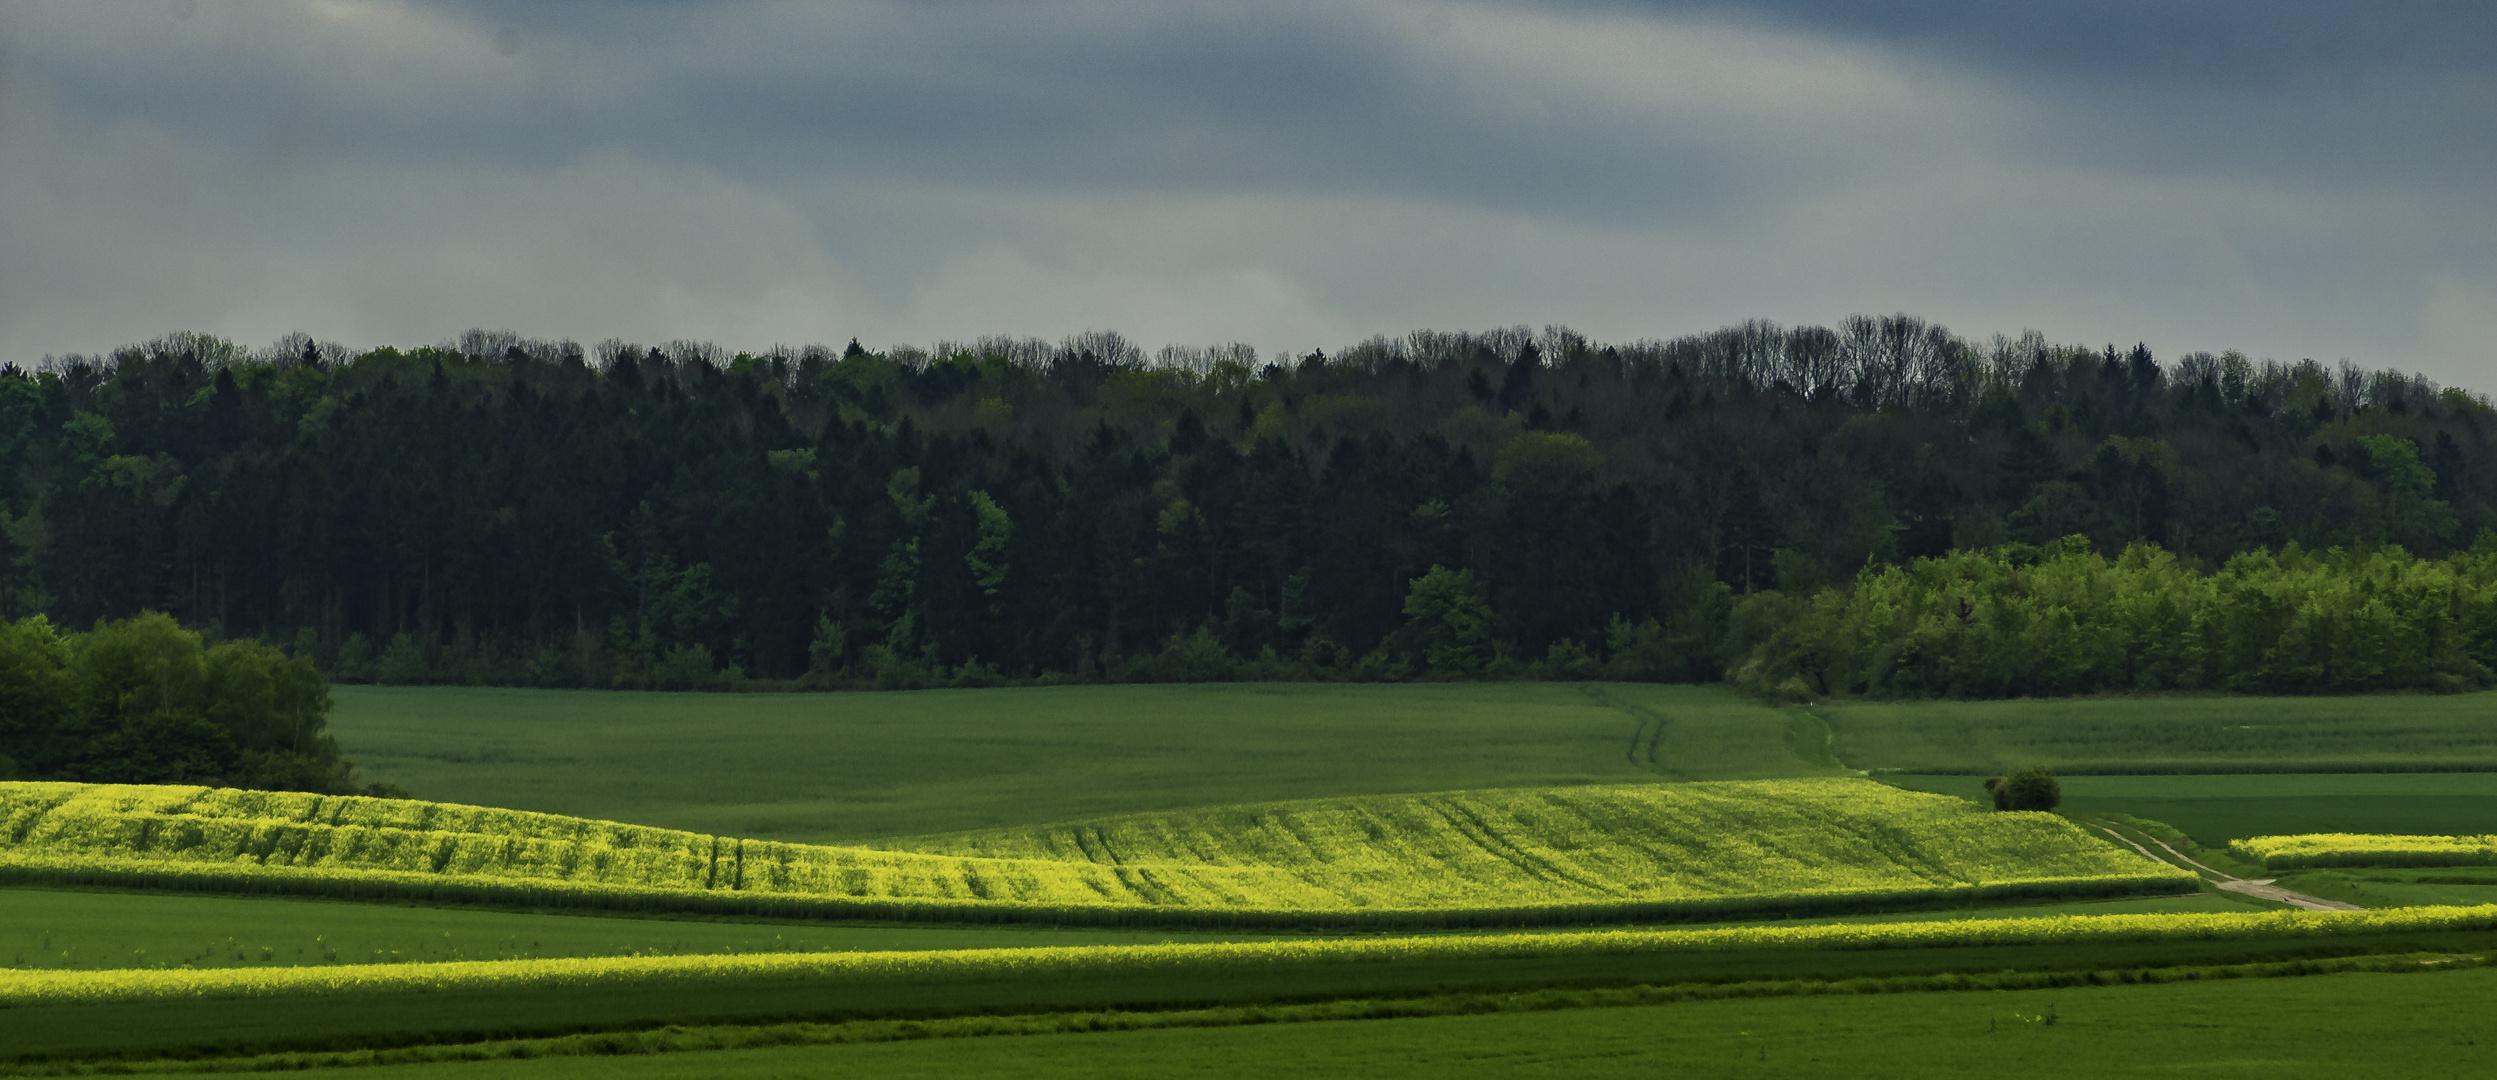 landscape 02